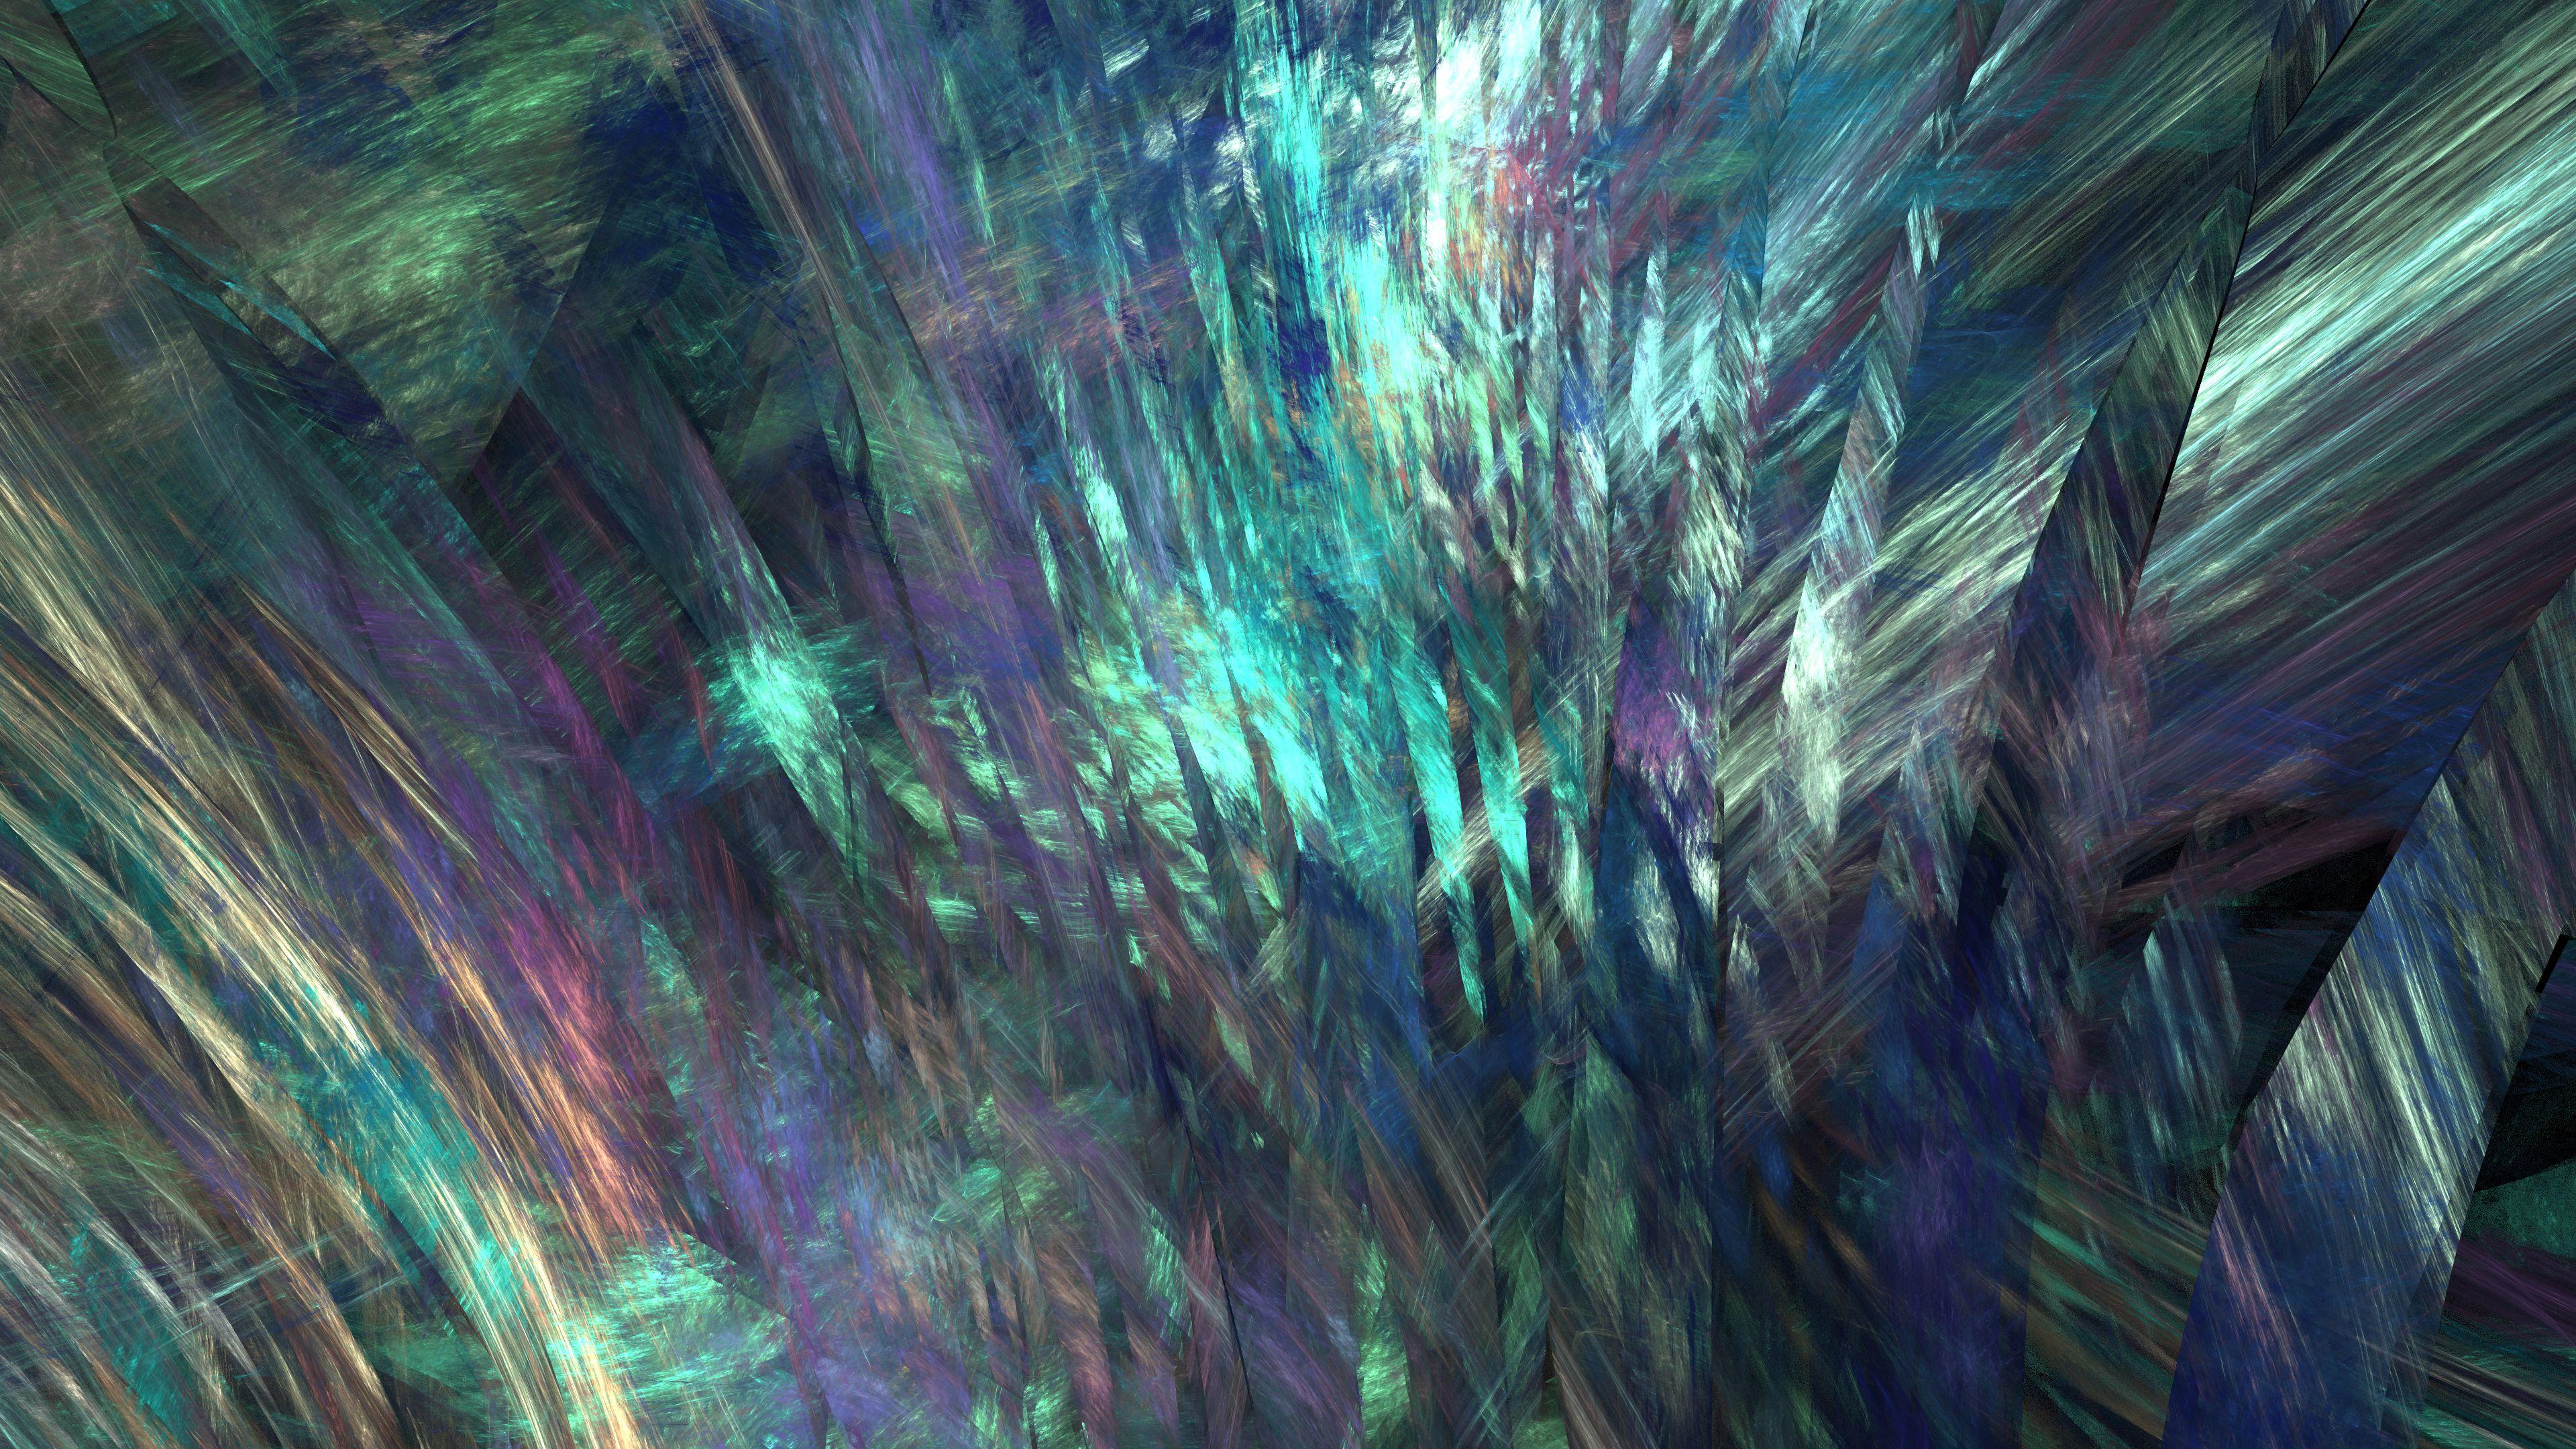 4K Fractal Wallpapers   Album on Imgur 3840x2160